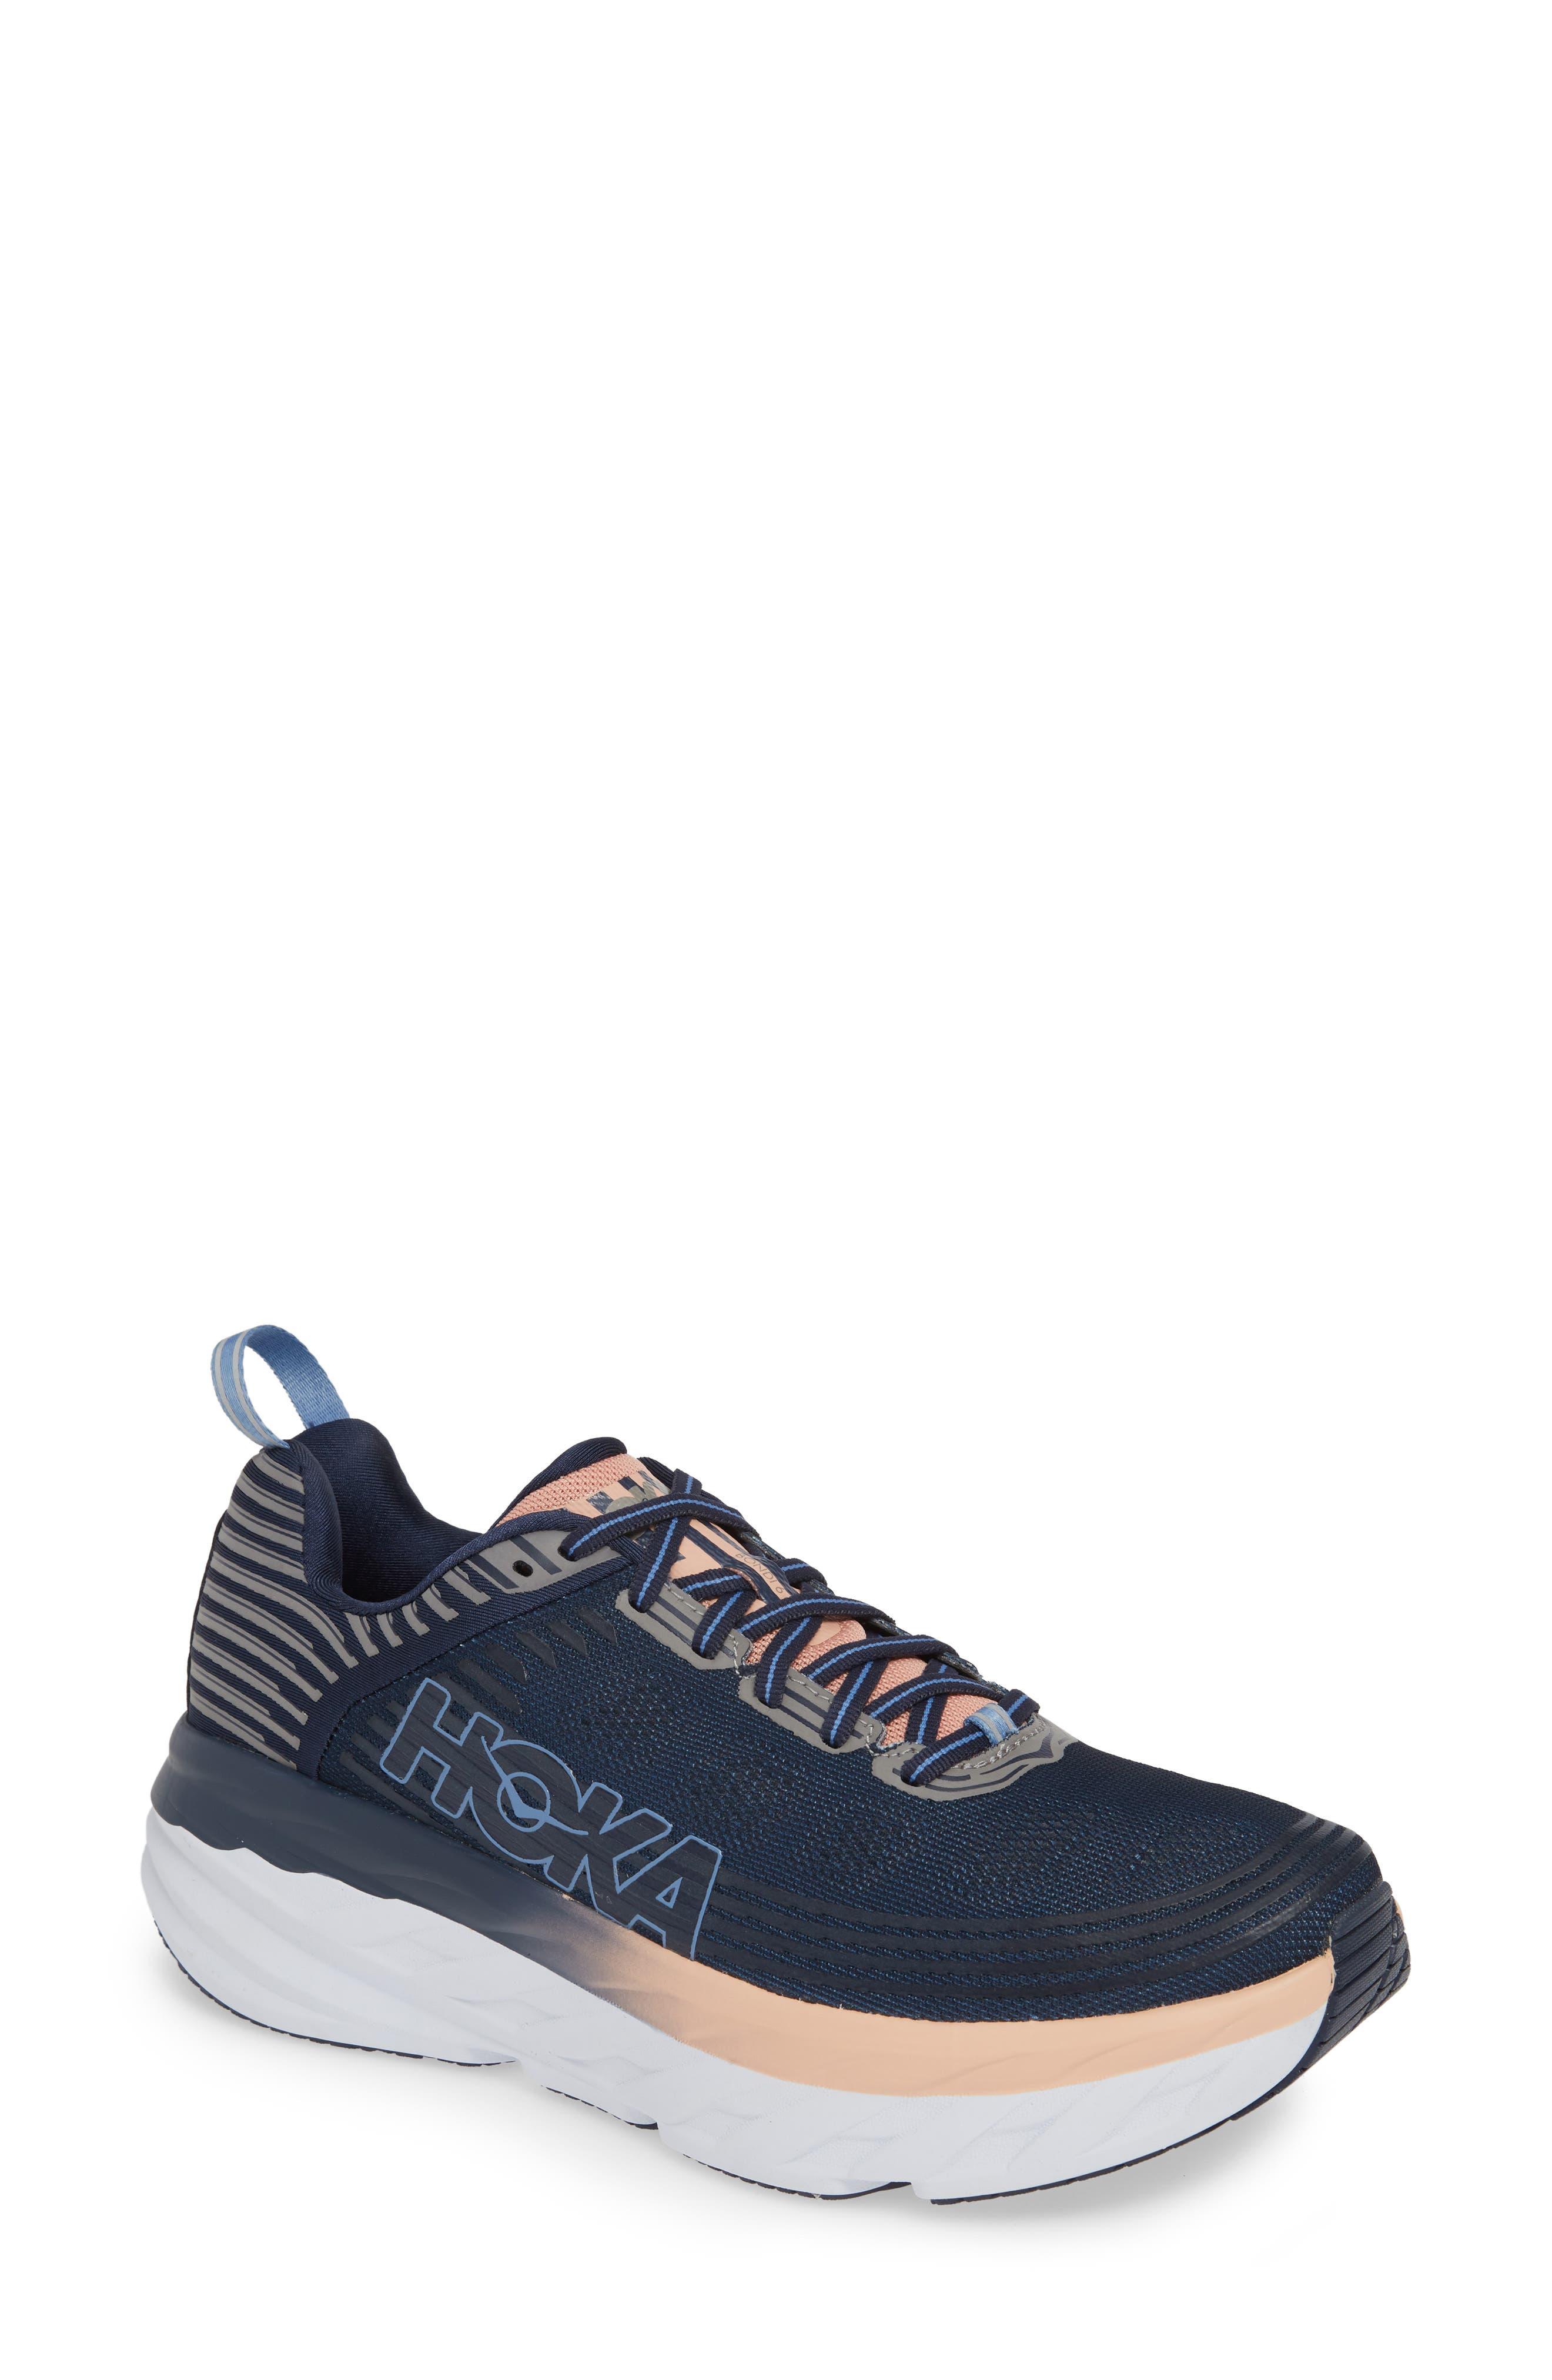 Hoka One One Bondi 6 Running Shoe